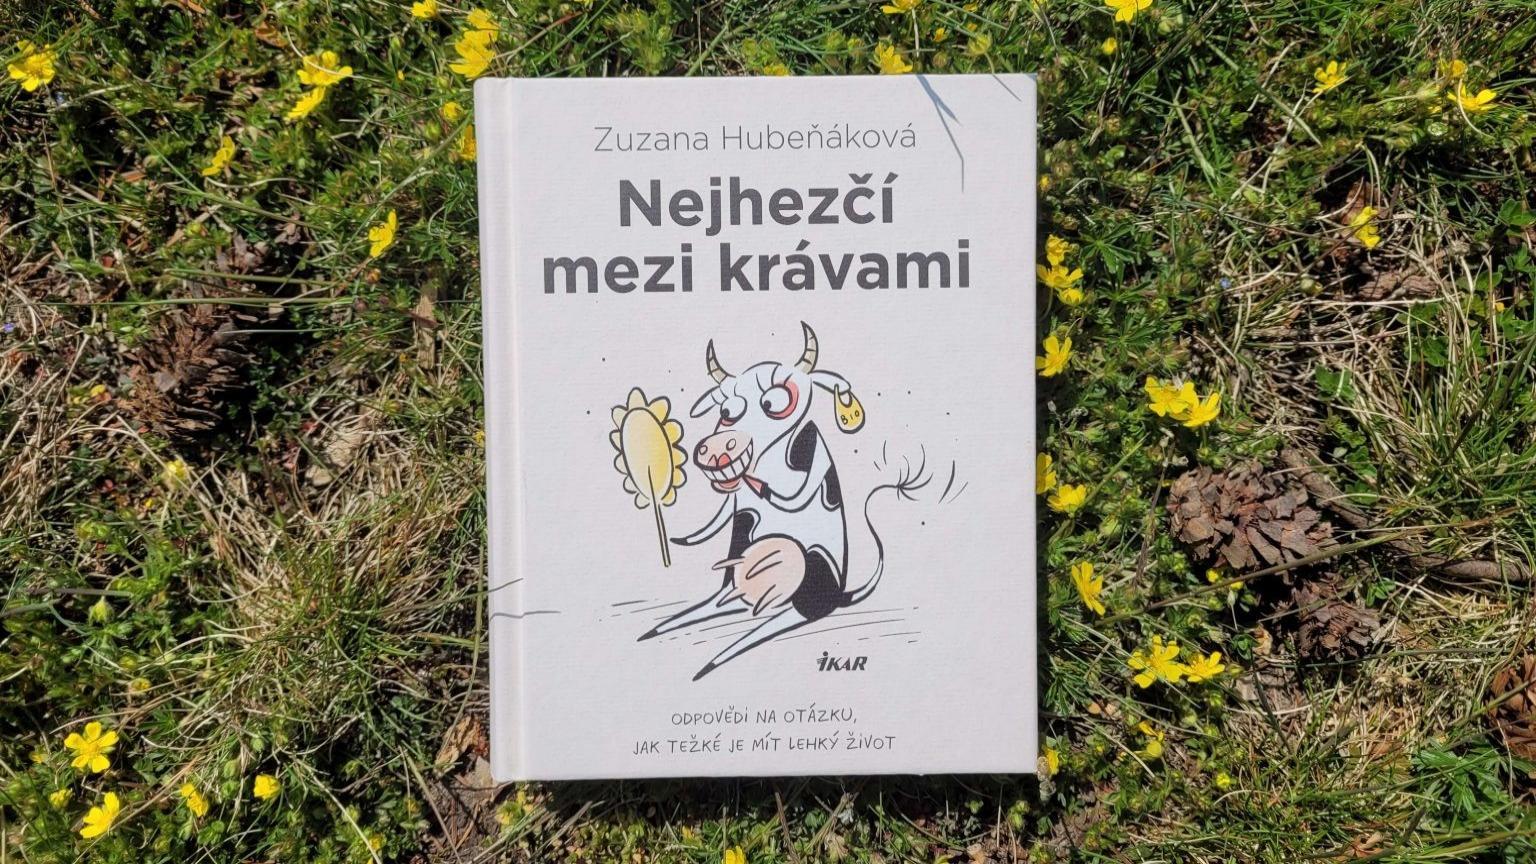 Chcete se smát nahlas? Přečtěte si knížku Nejhezčí mezi krávami!